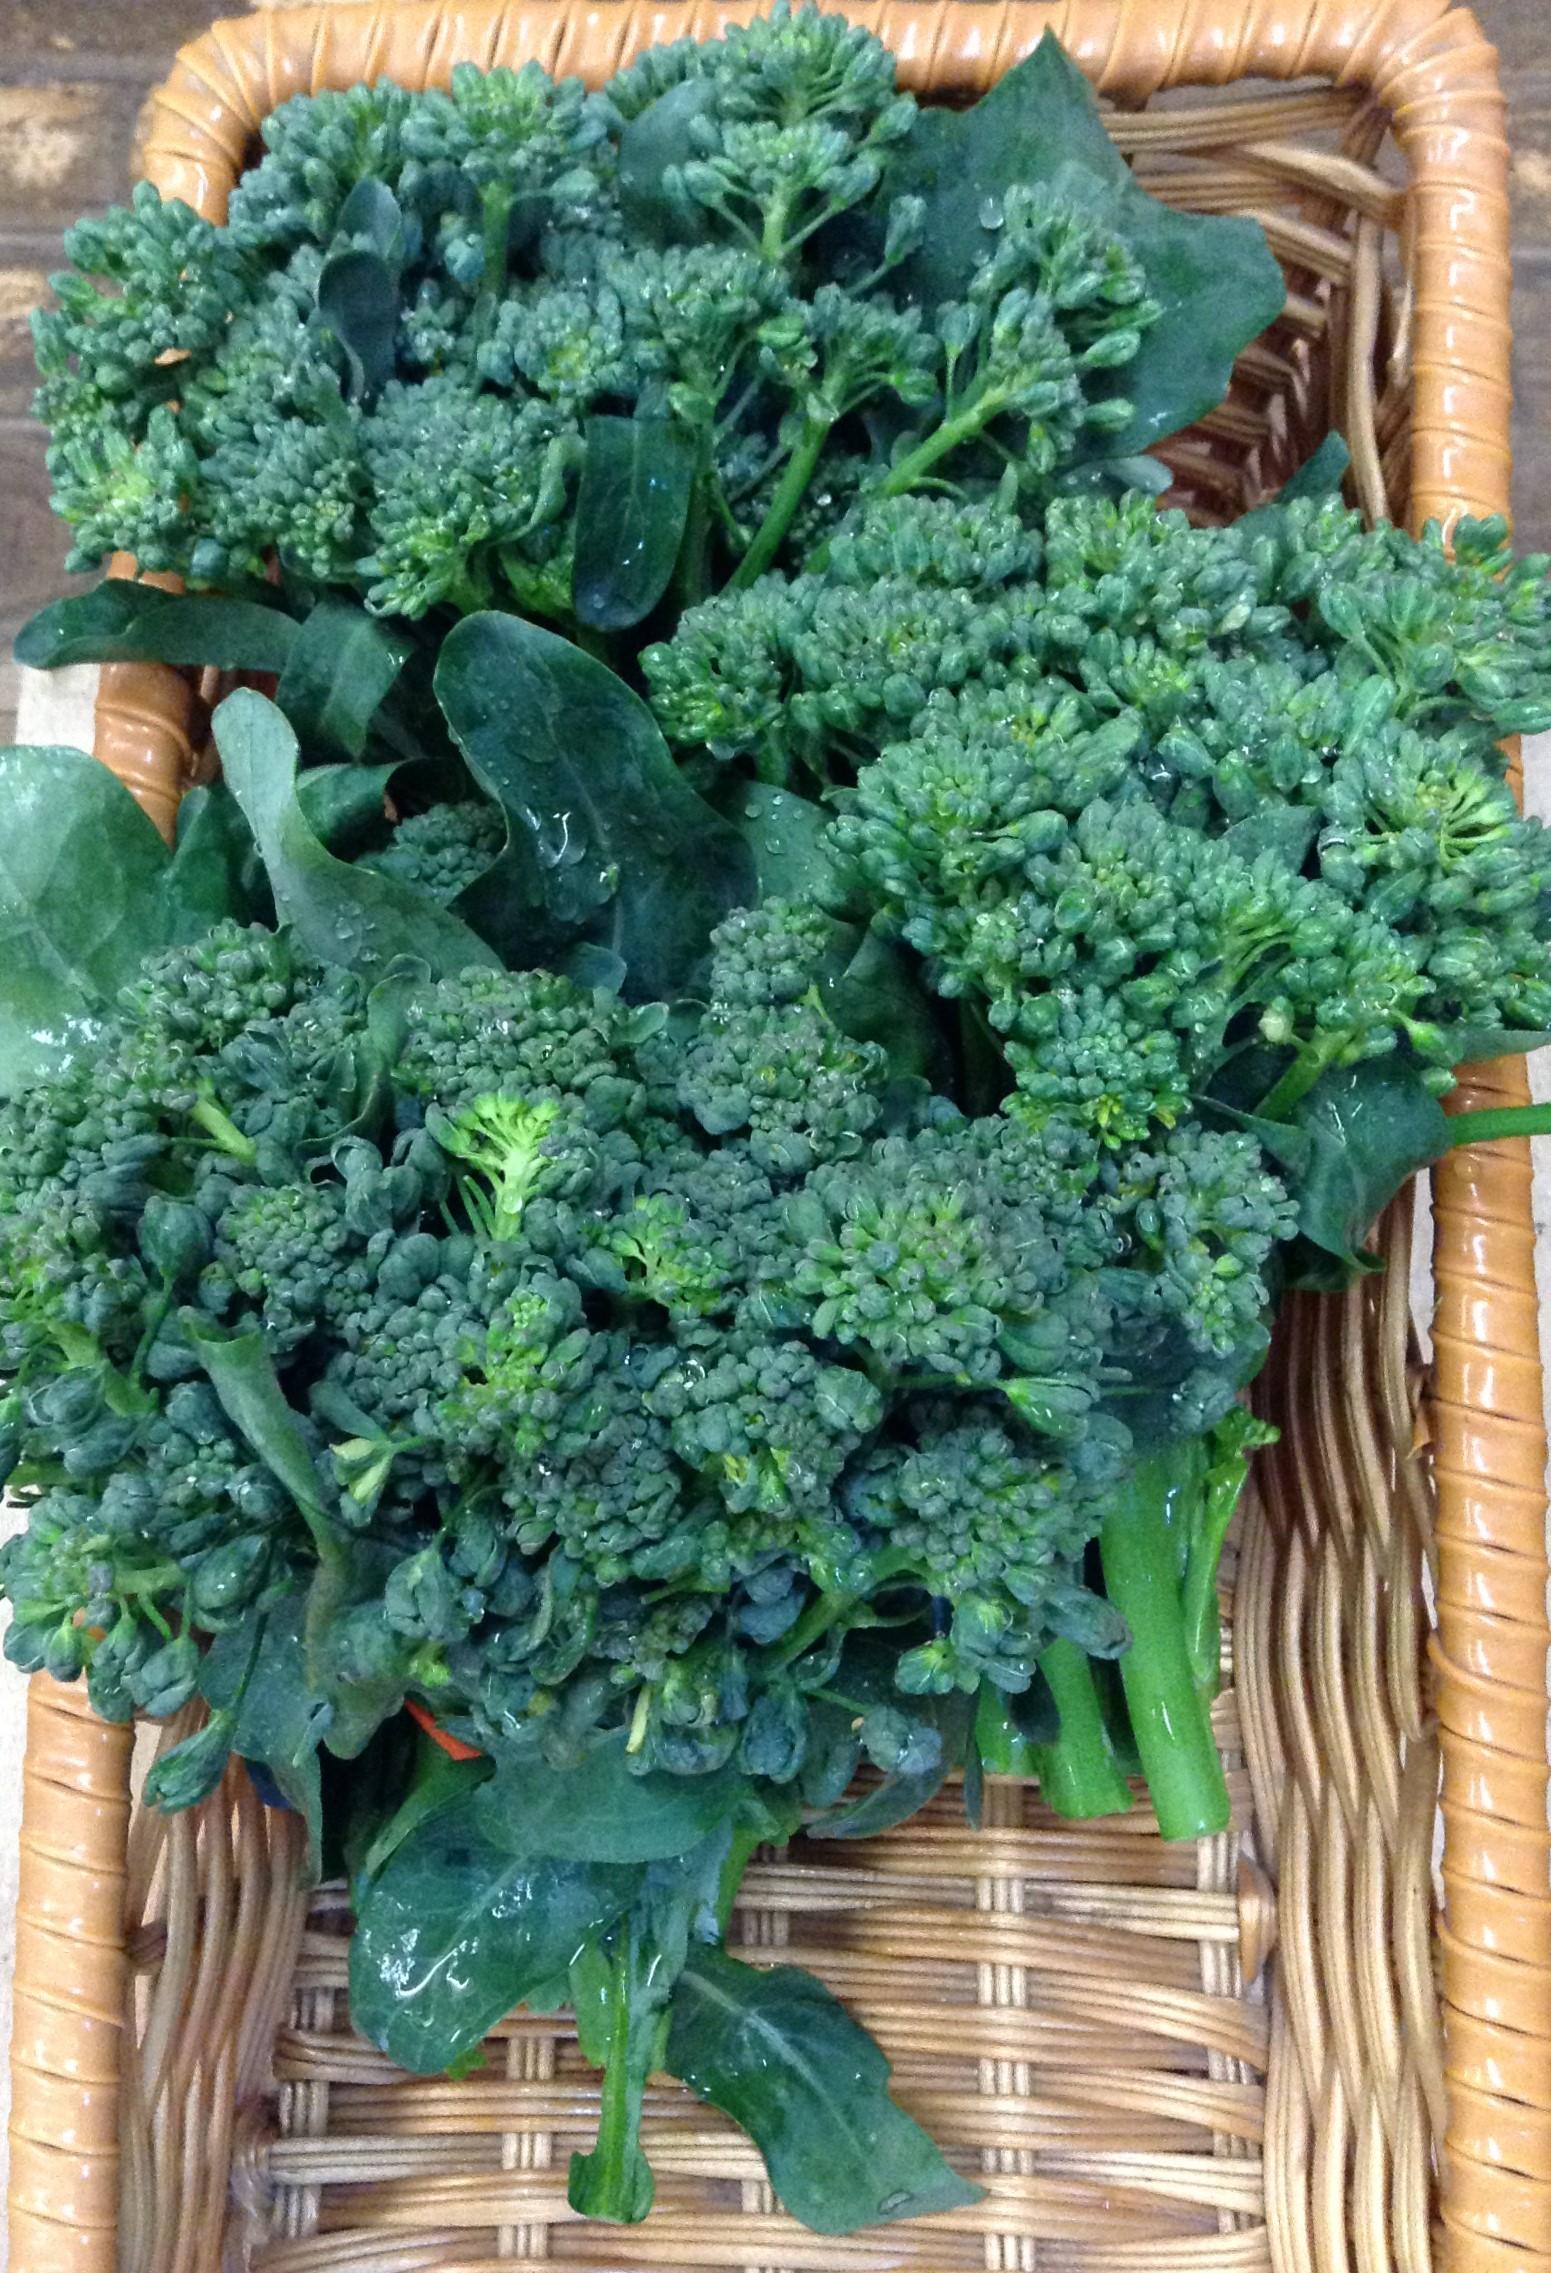 LOCAL Organic Broccolini